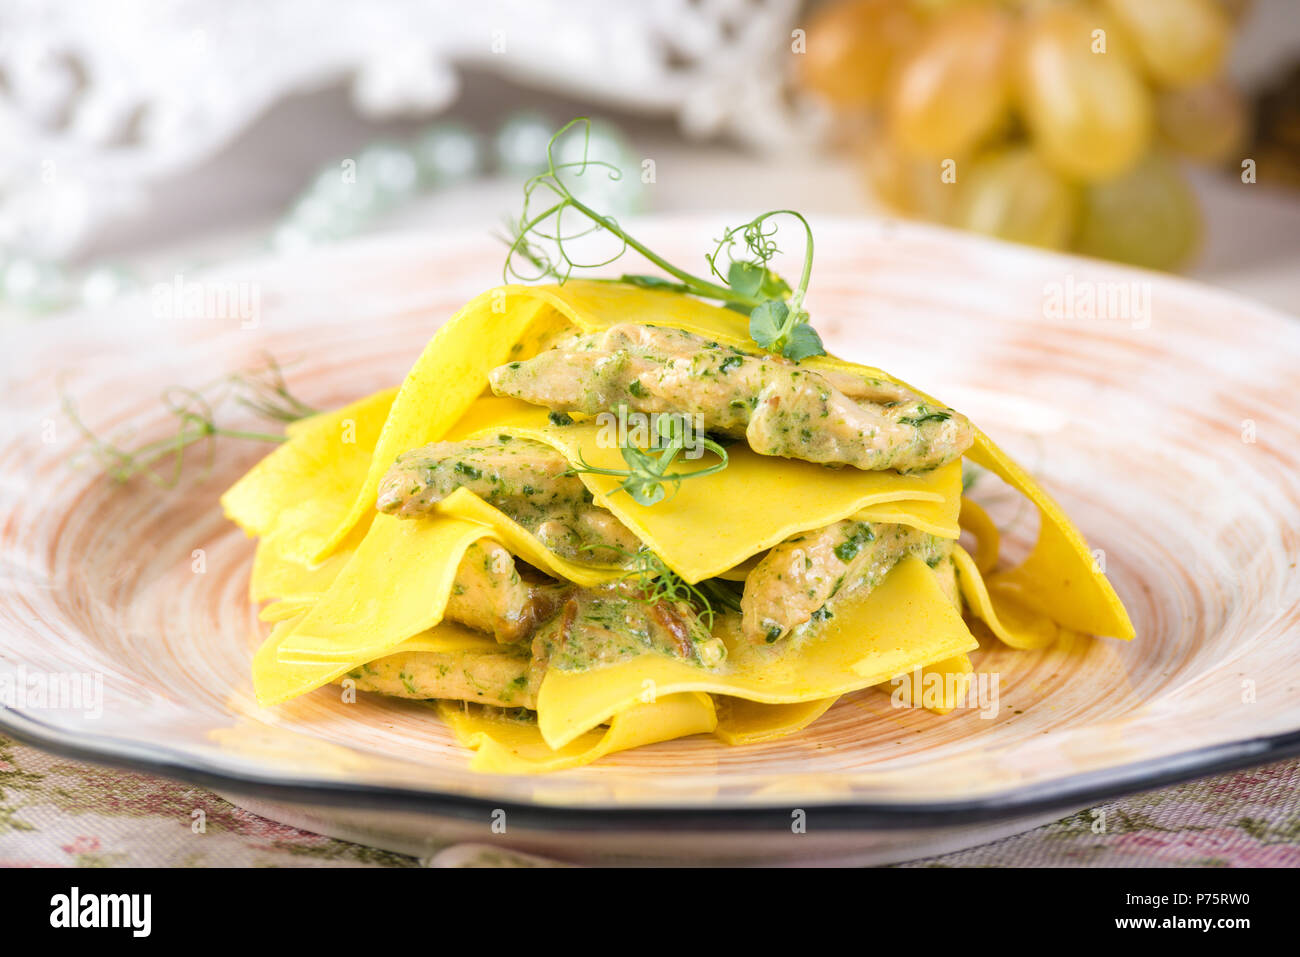 Ricette Di Cucina Italiana La Pasta Tradizionale Maltagliati Con